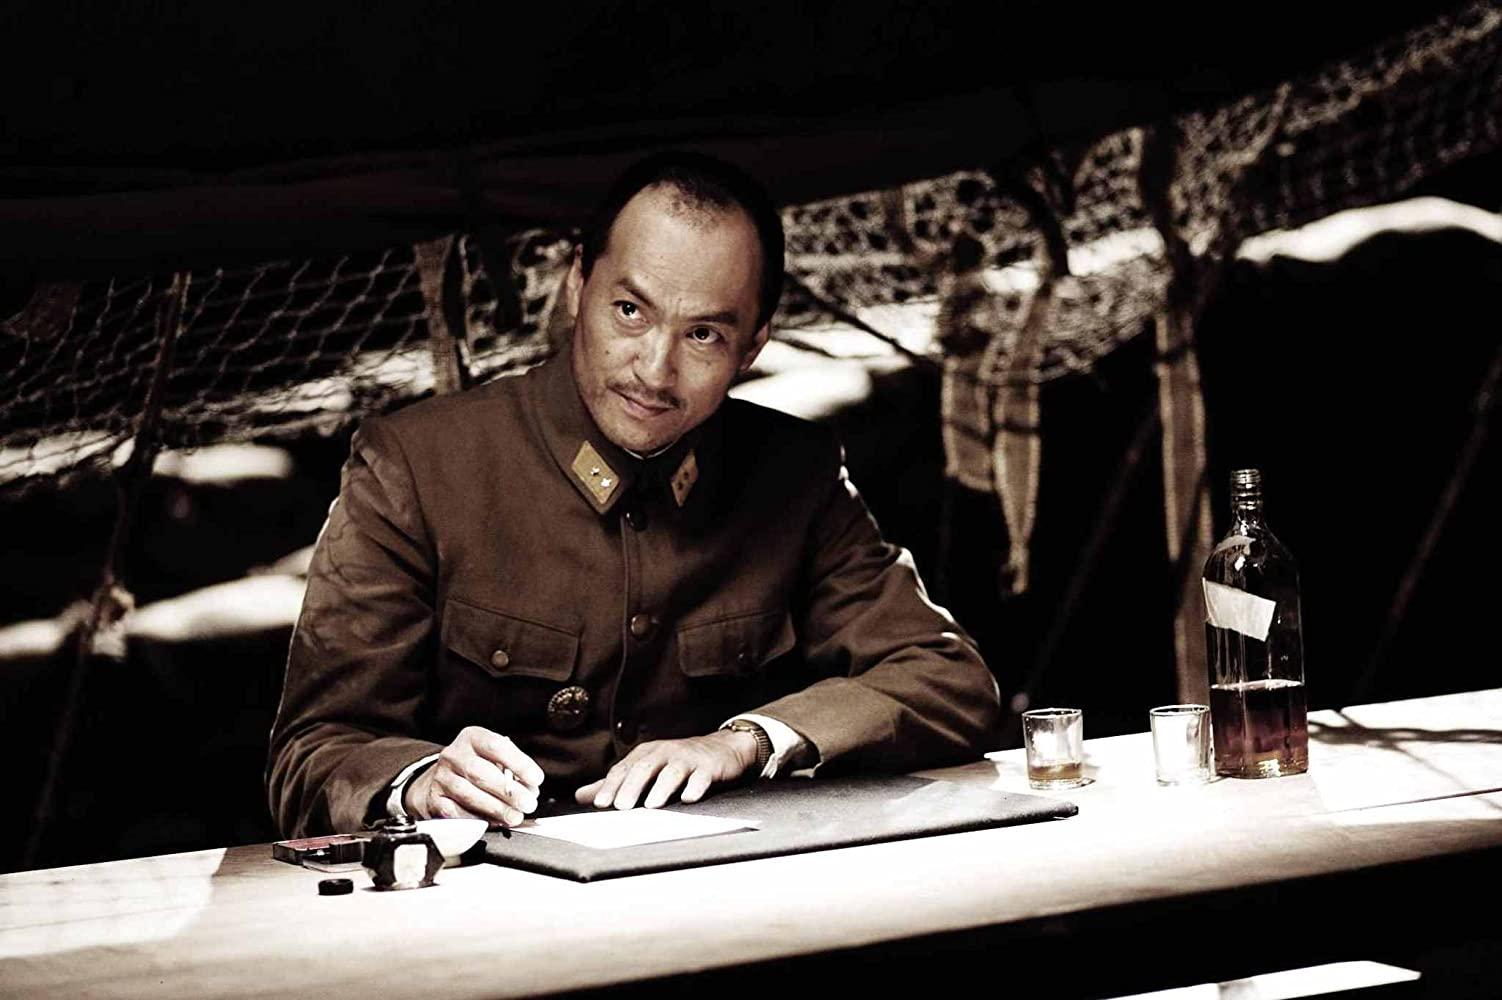 فیلم جنگی مربوط به جنگ جهانی دوم